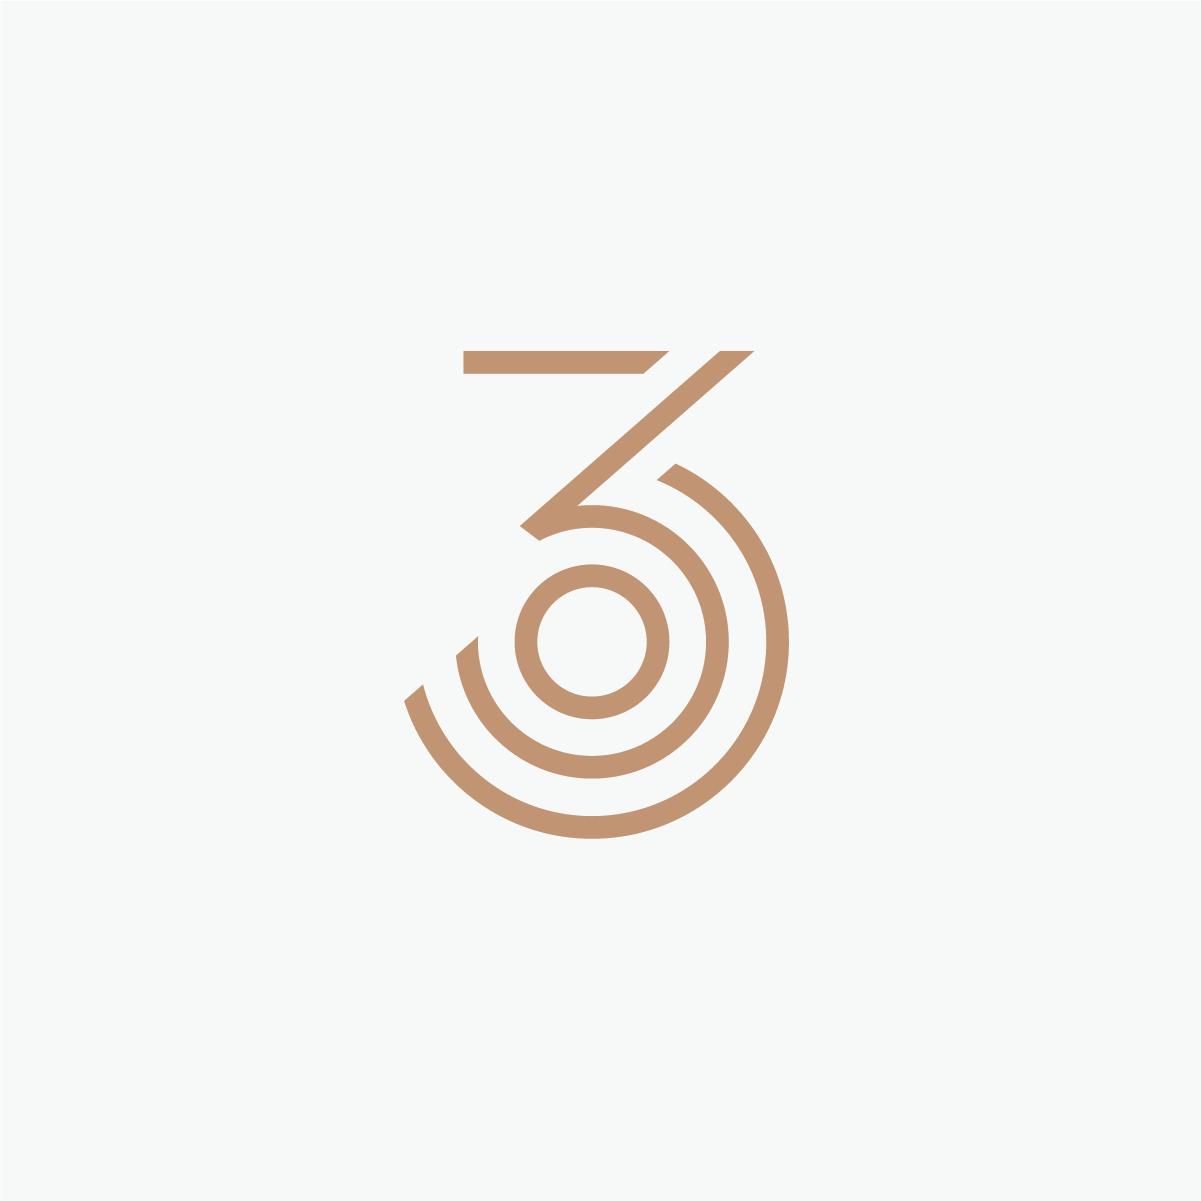 JD_Logos-13.png